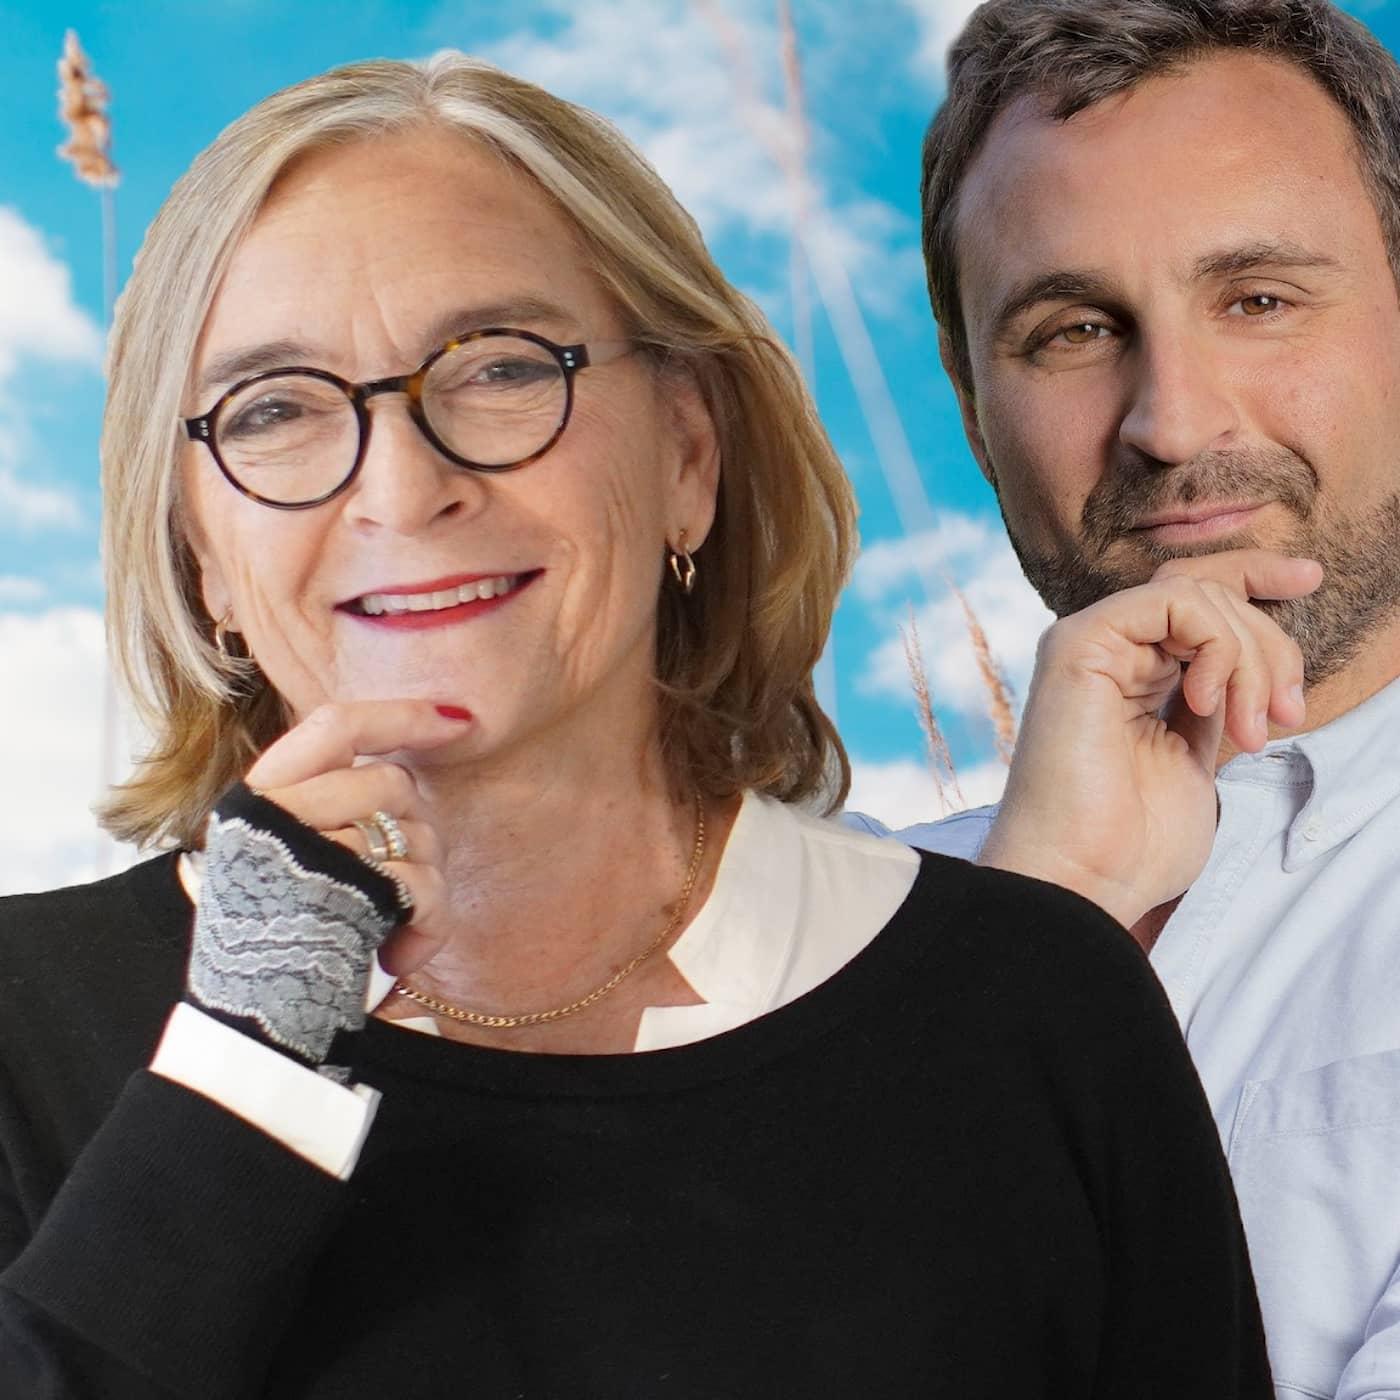 Kommer amerikanska Eurovision att bli en succé? Sommartalkshow med Helene Benno och Johar Bendjelloul.